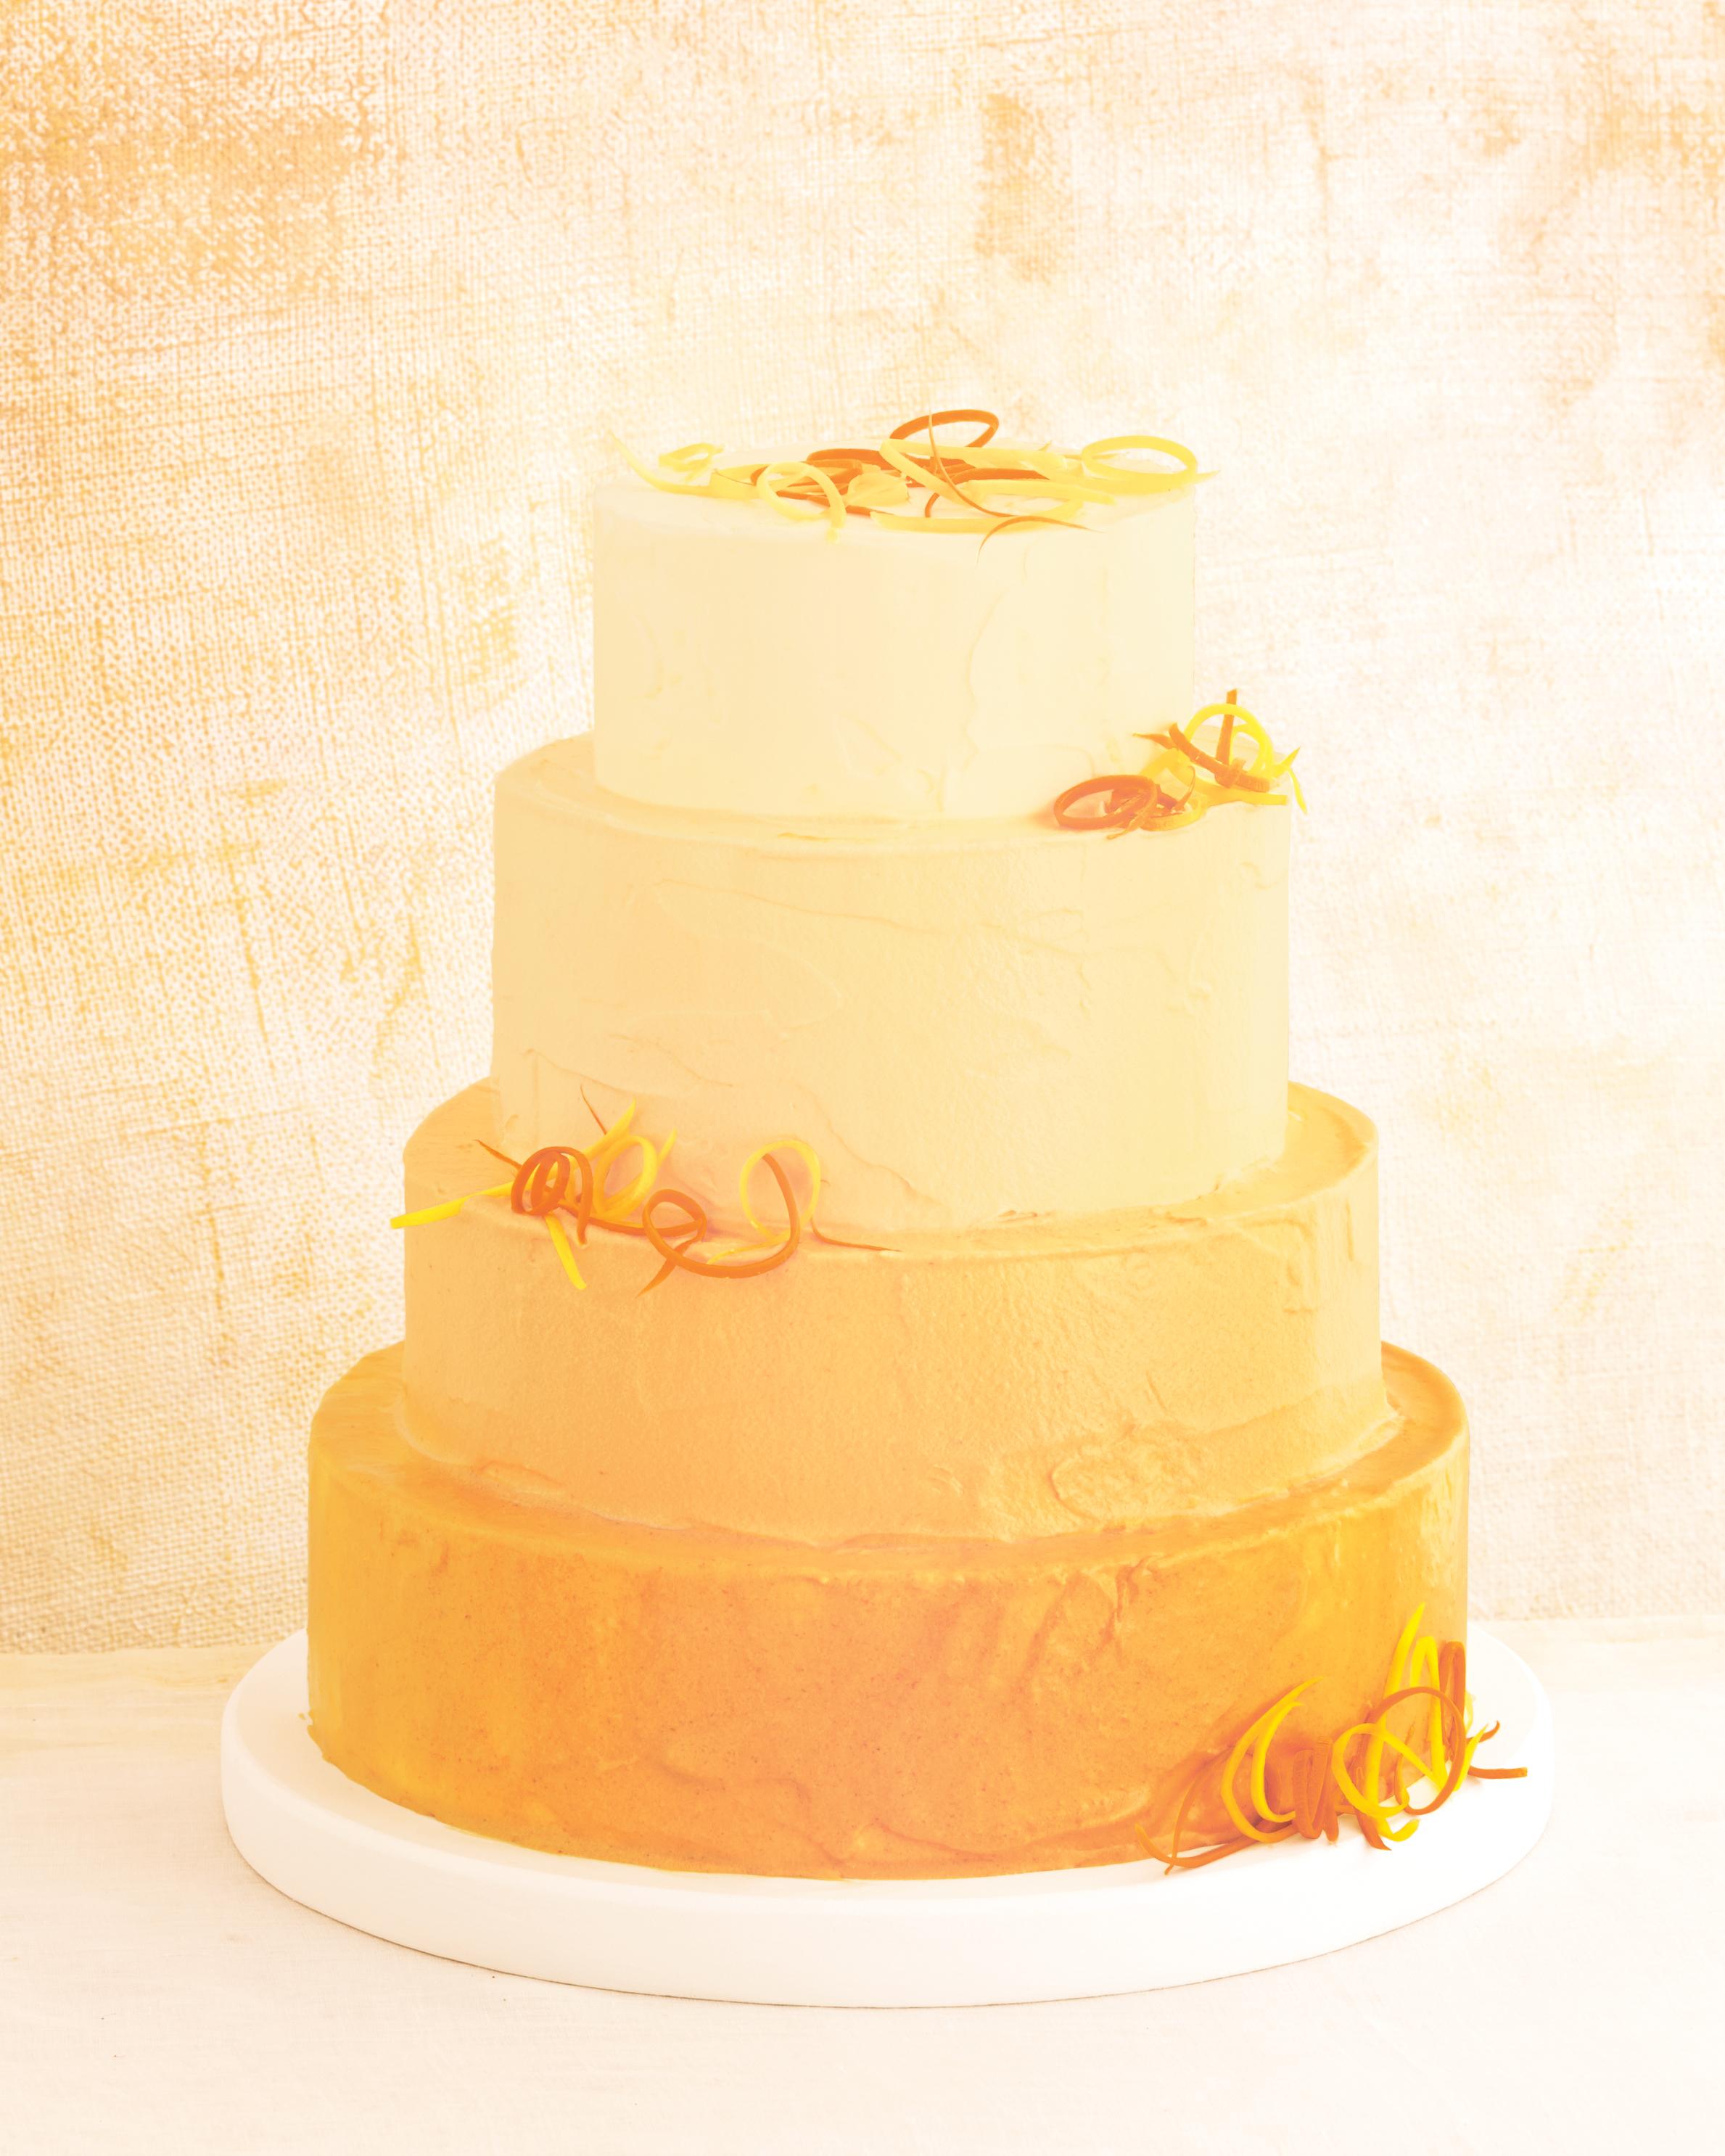 wedding-cake-carrot-051-d111828.jpg